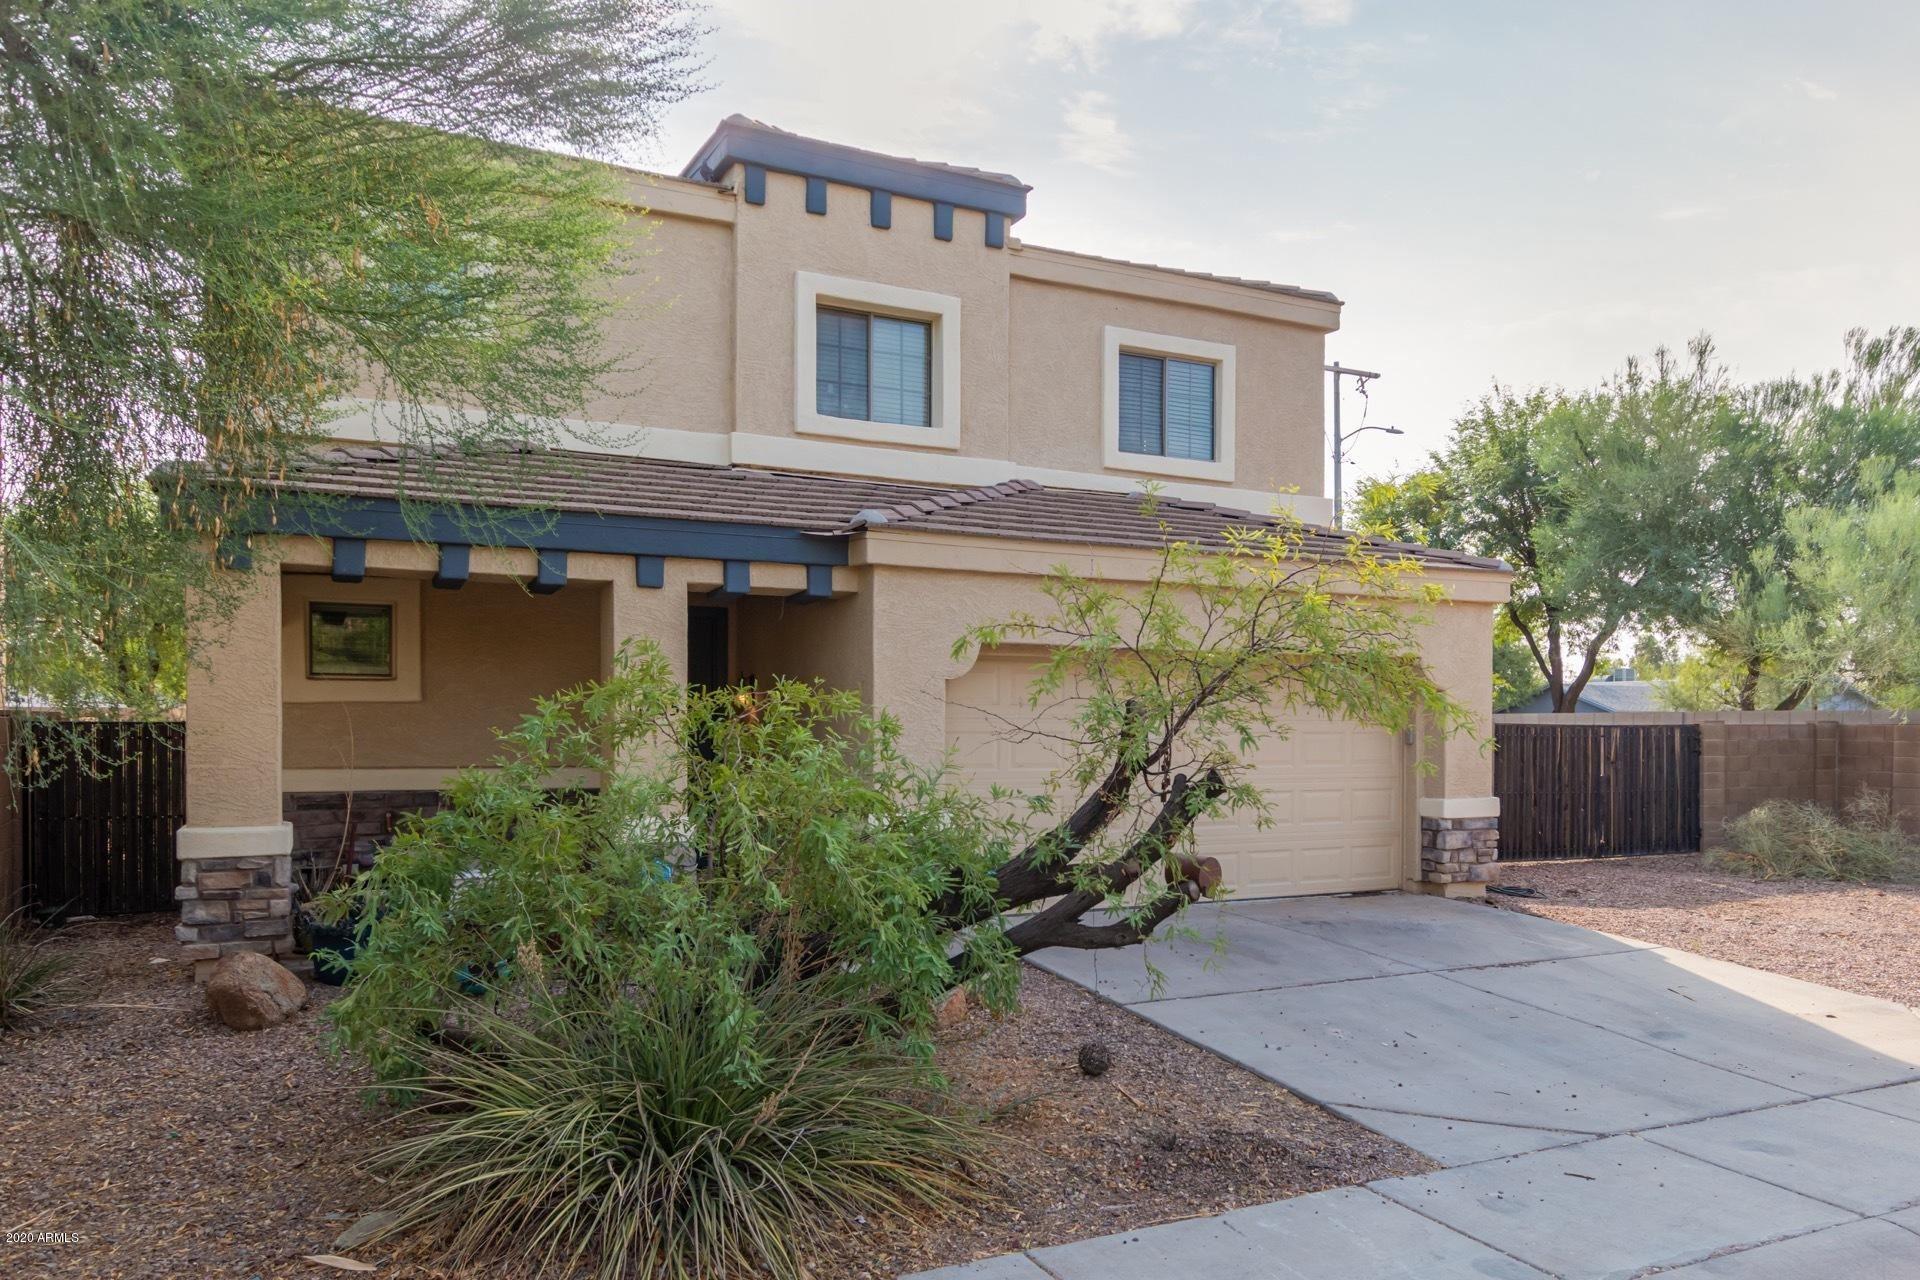 17405 N 19TH RUN --, Phoenix, AZ 85022 - MLS#: 6133180